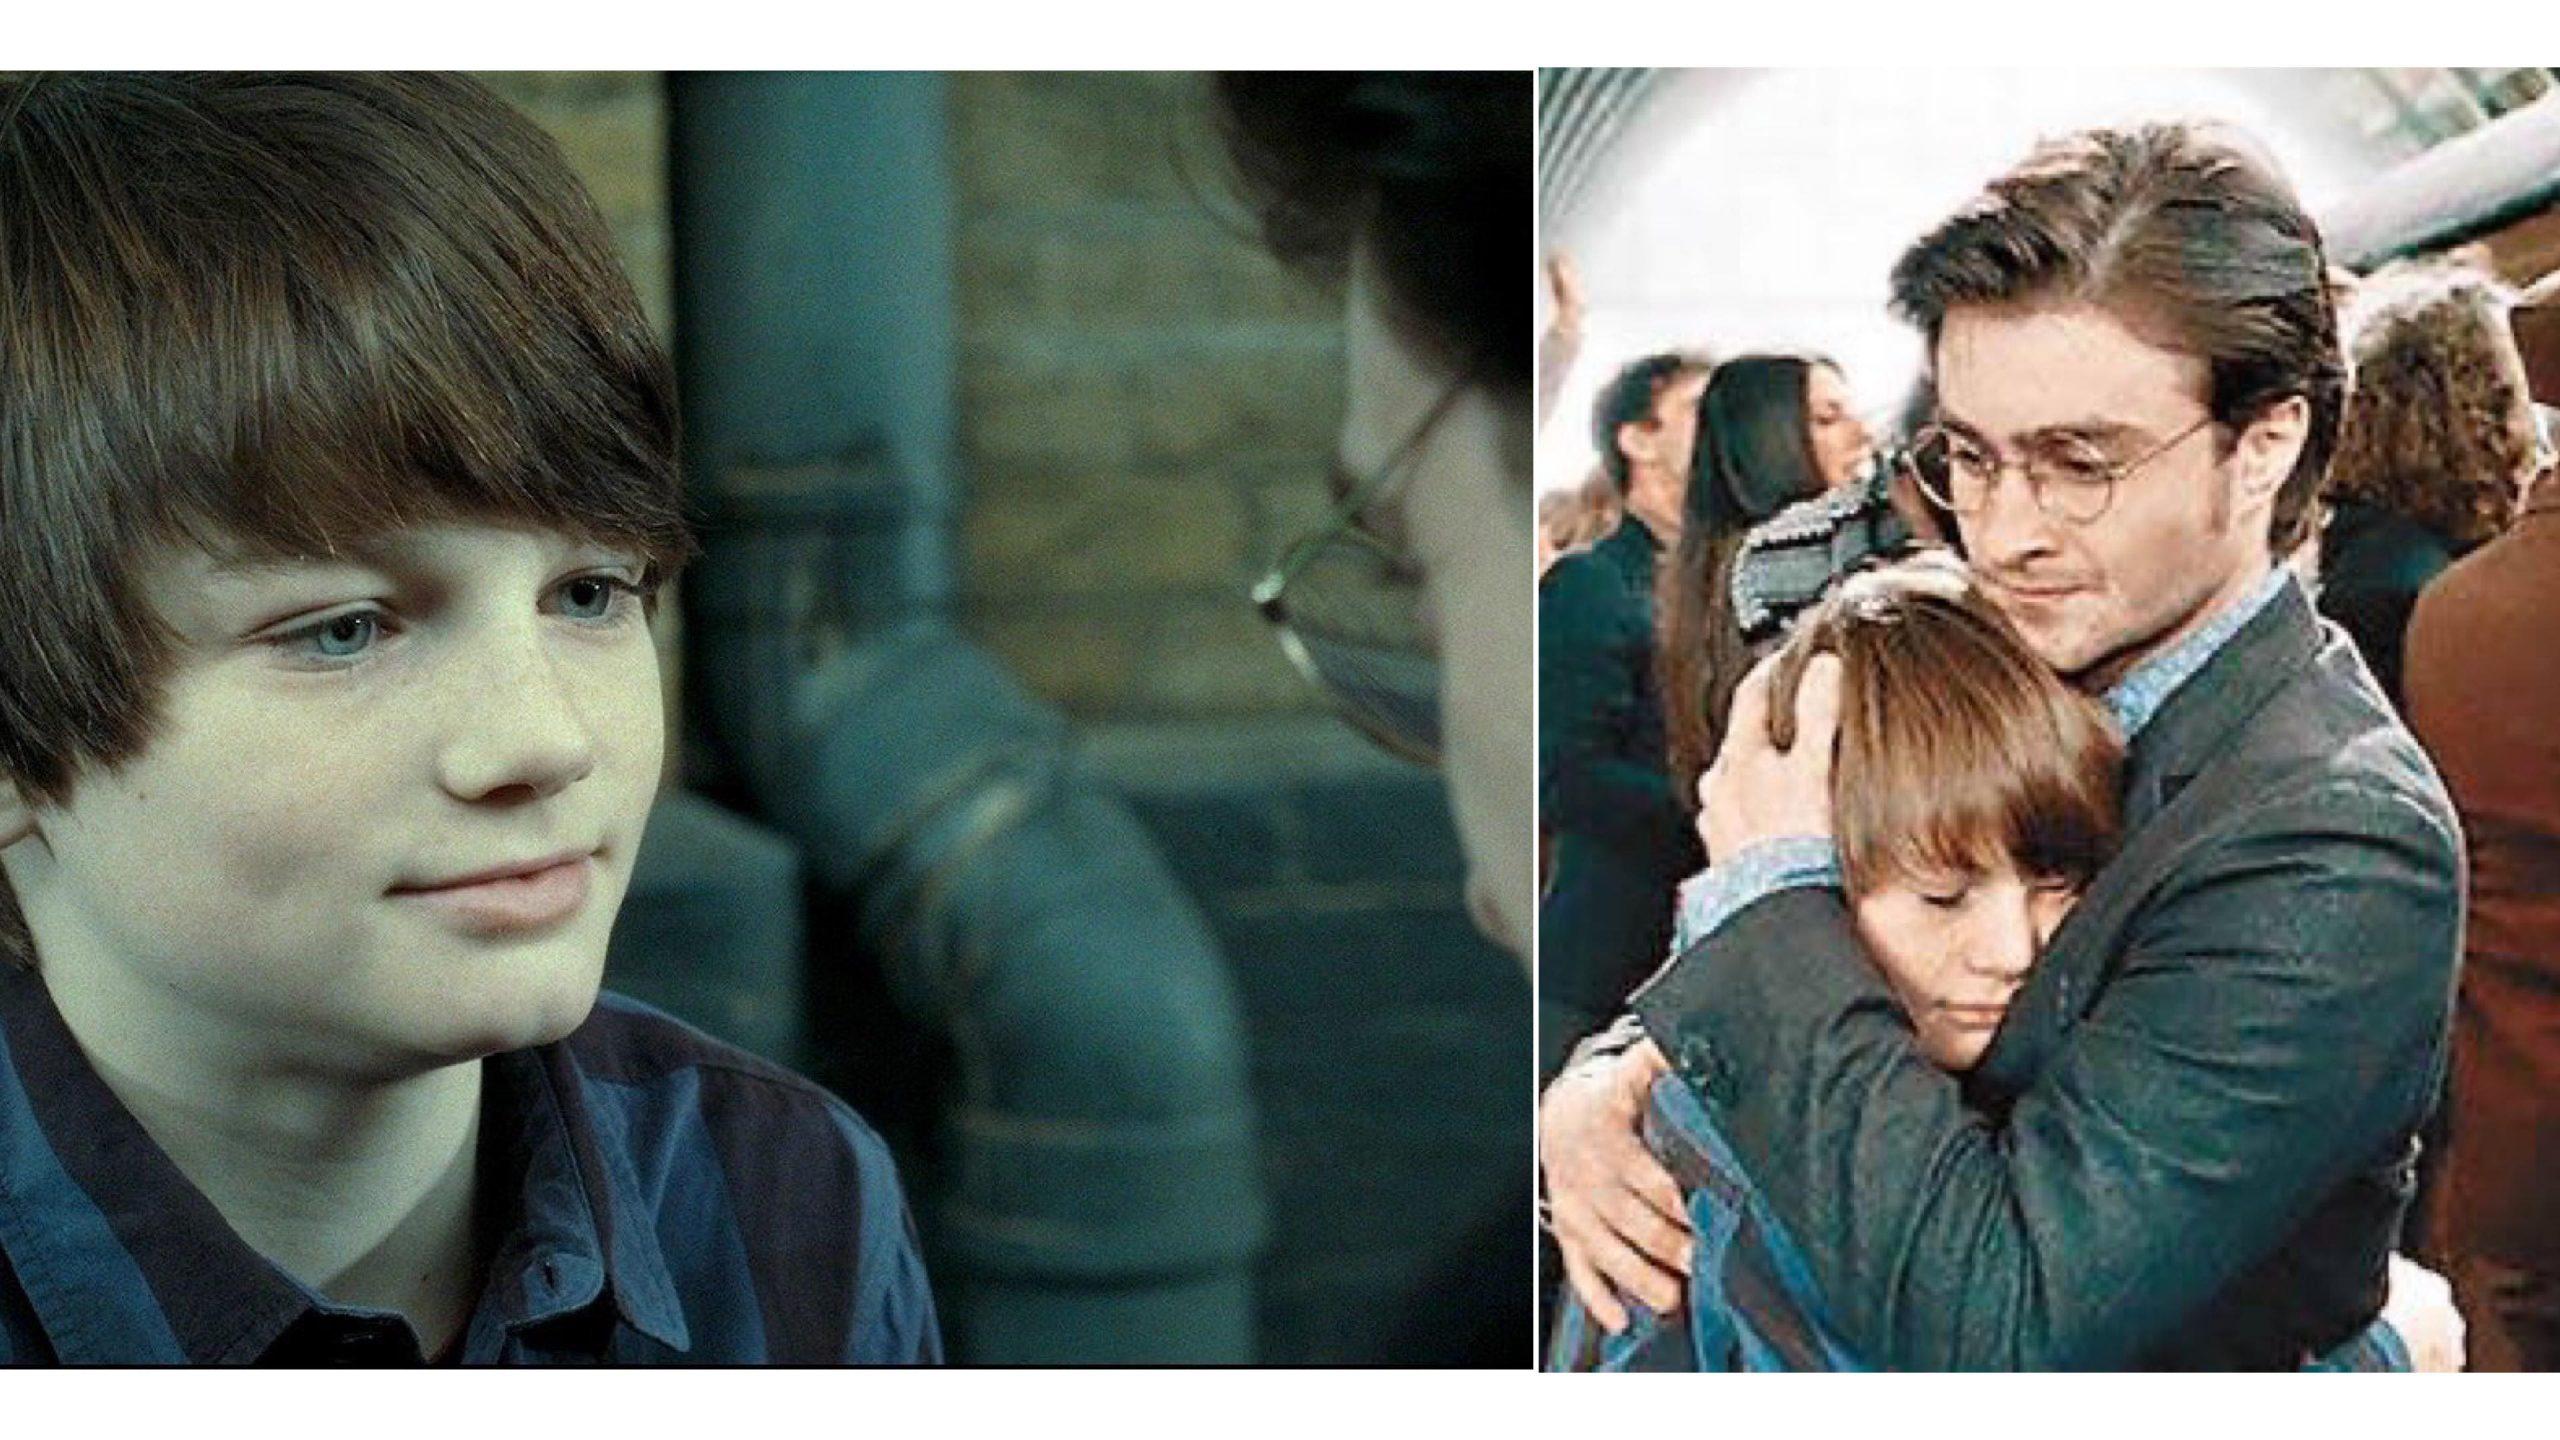 為什麼哈利波特的兒子沒進葛來分多,反而被分到史萊哲林?—《哈利波特:被詛咒的孩子》—我們用電影寫日記